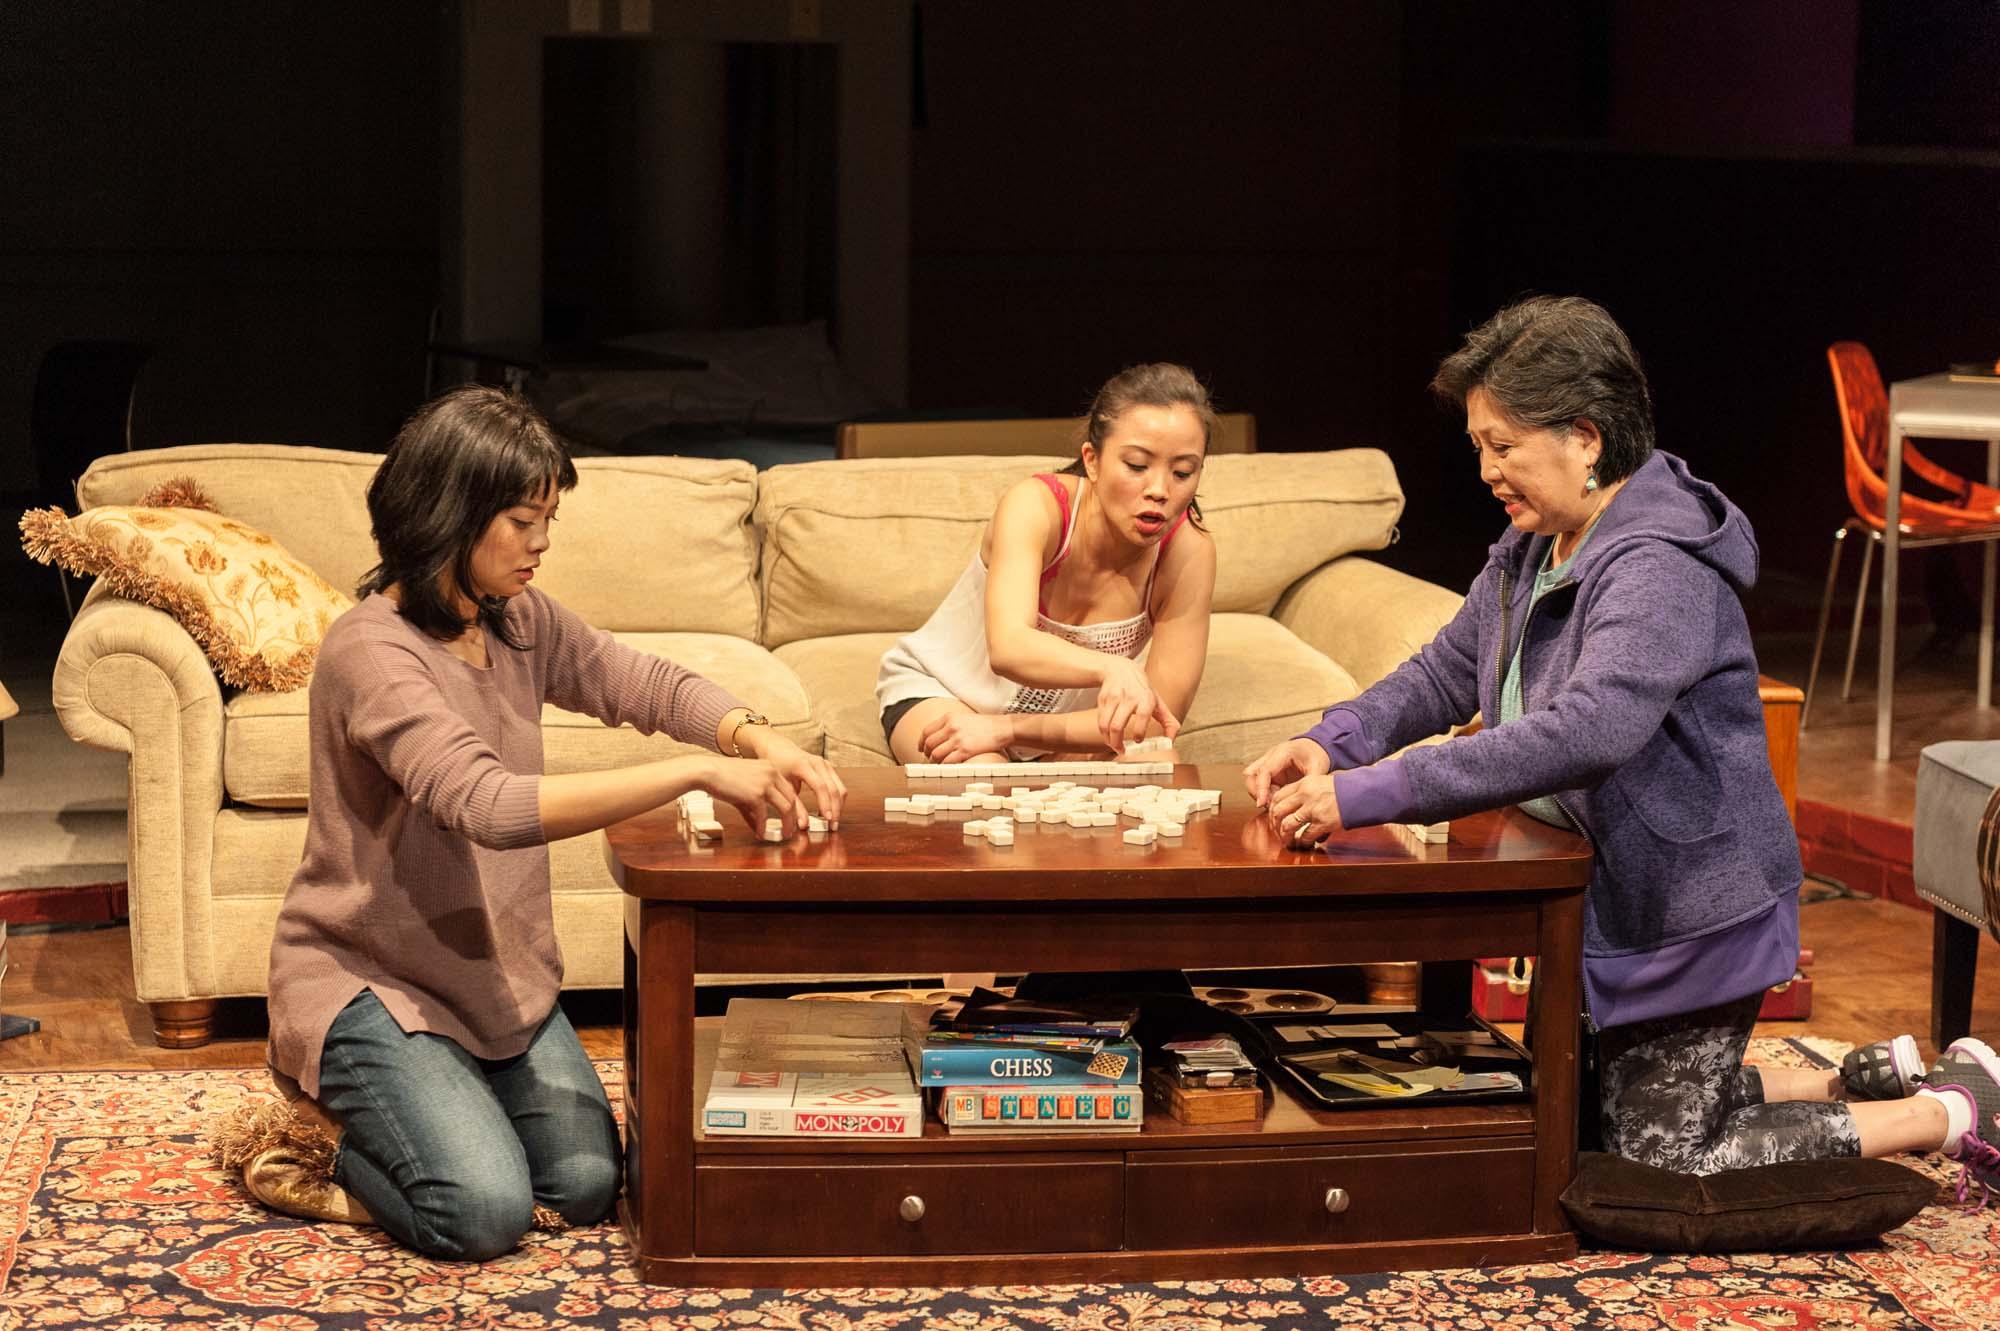 Momo, Twee and Vera play Mah-Jong.